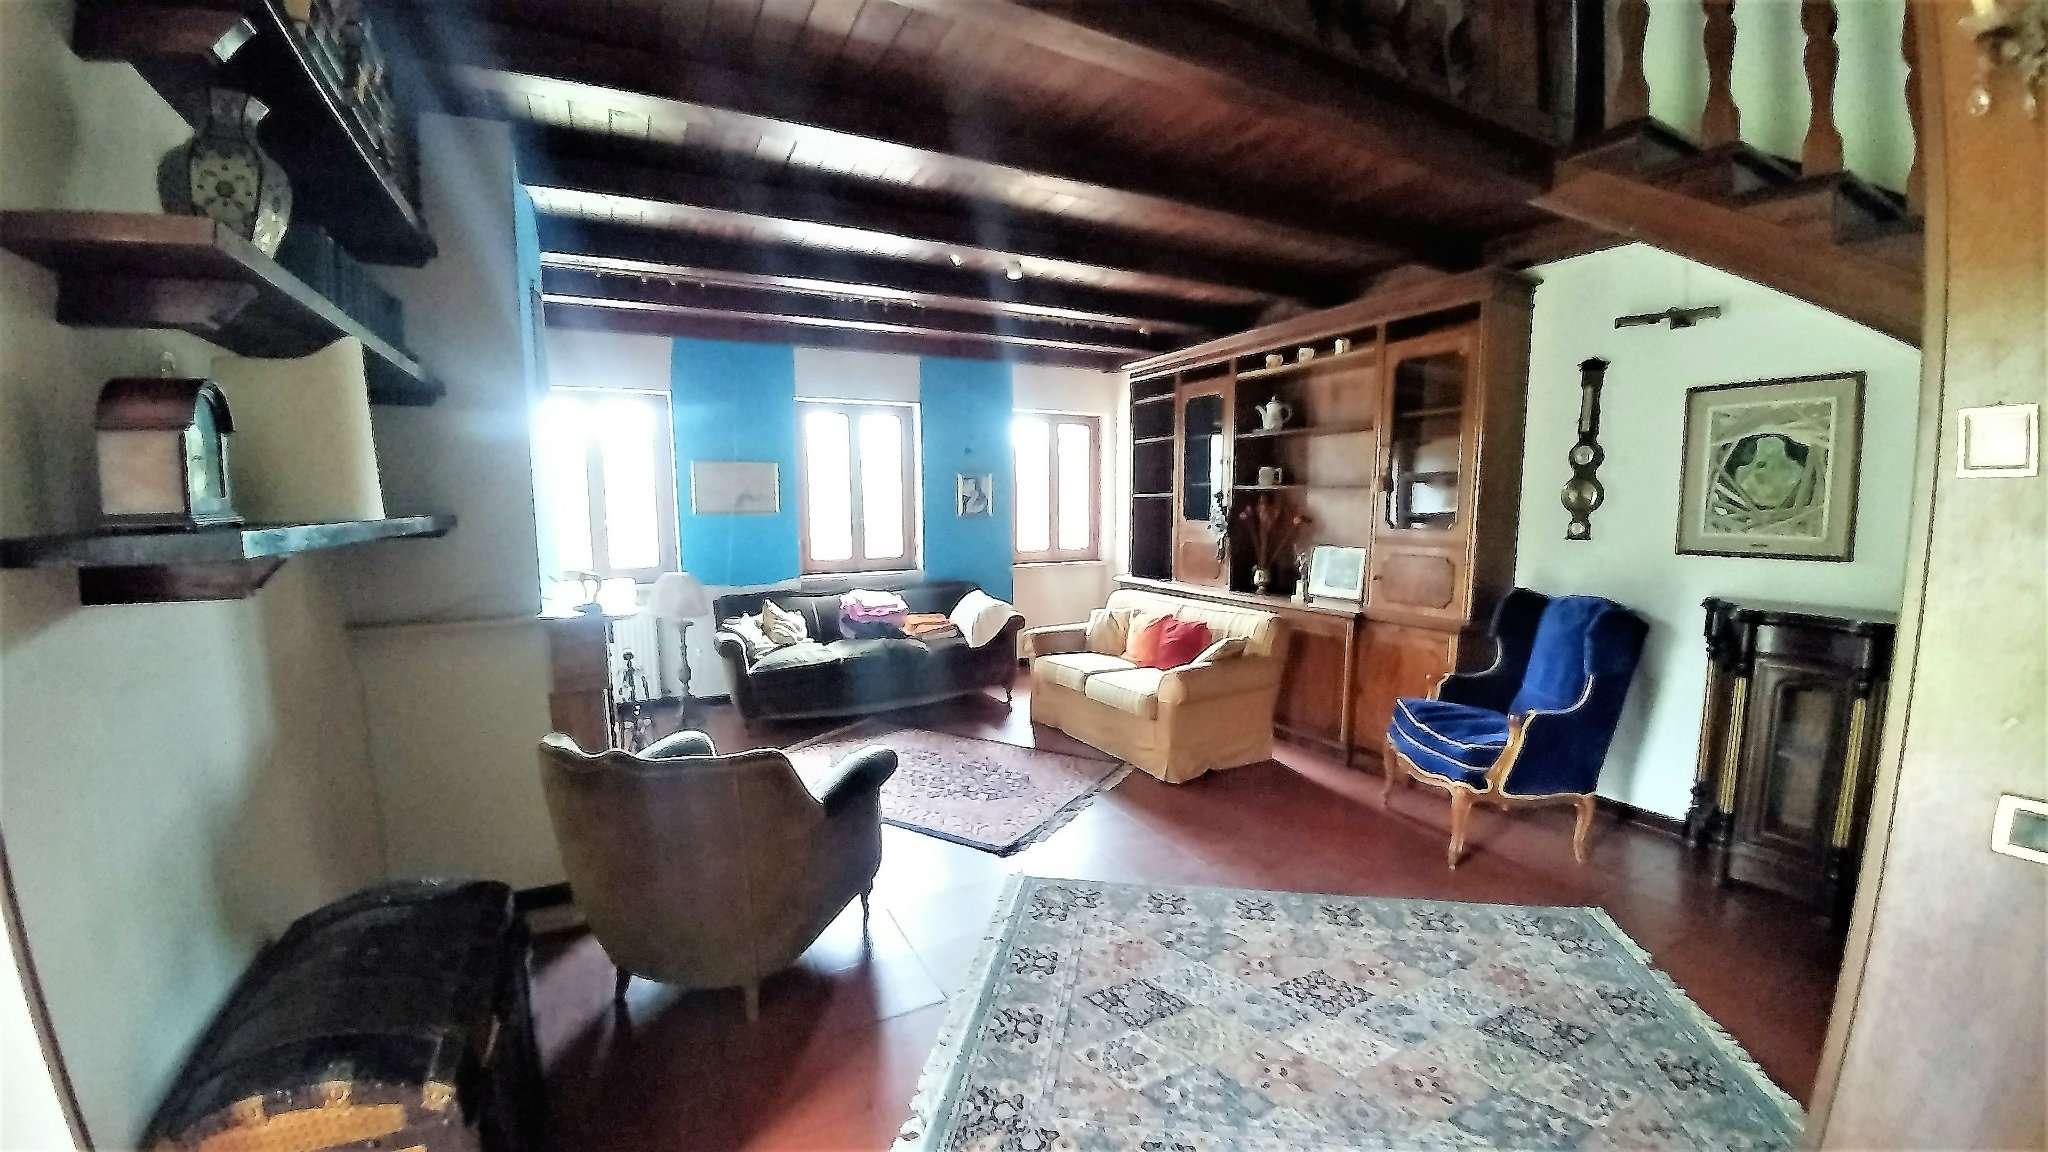 Foto 1 di Quadrilocale via Santa Felicola 88, Roma (zona Ardeatino - Grotta Perfetta - Fonte Meravigliosa)